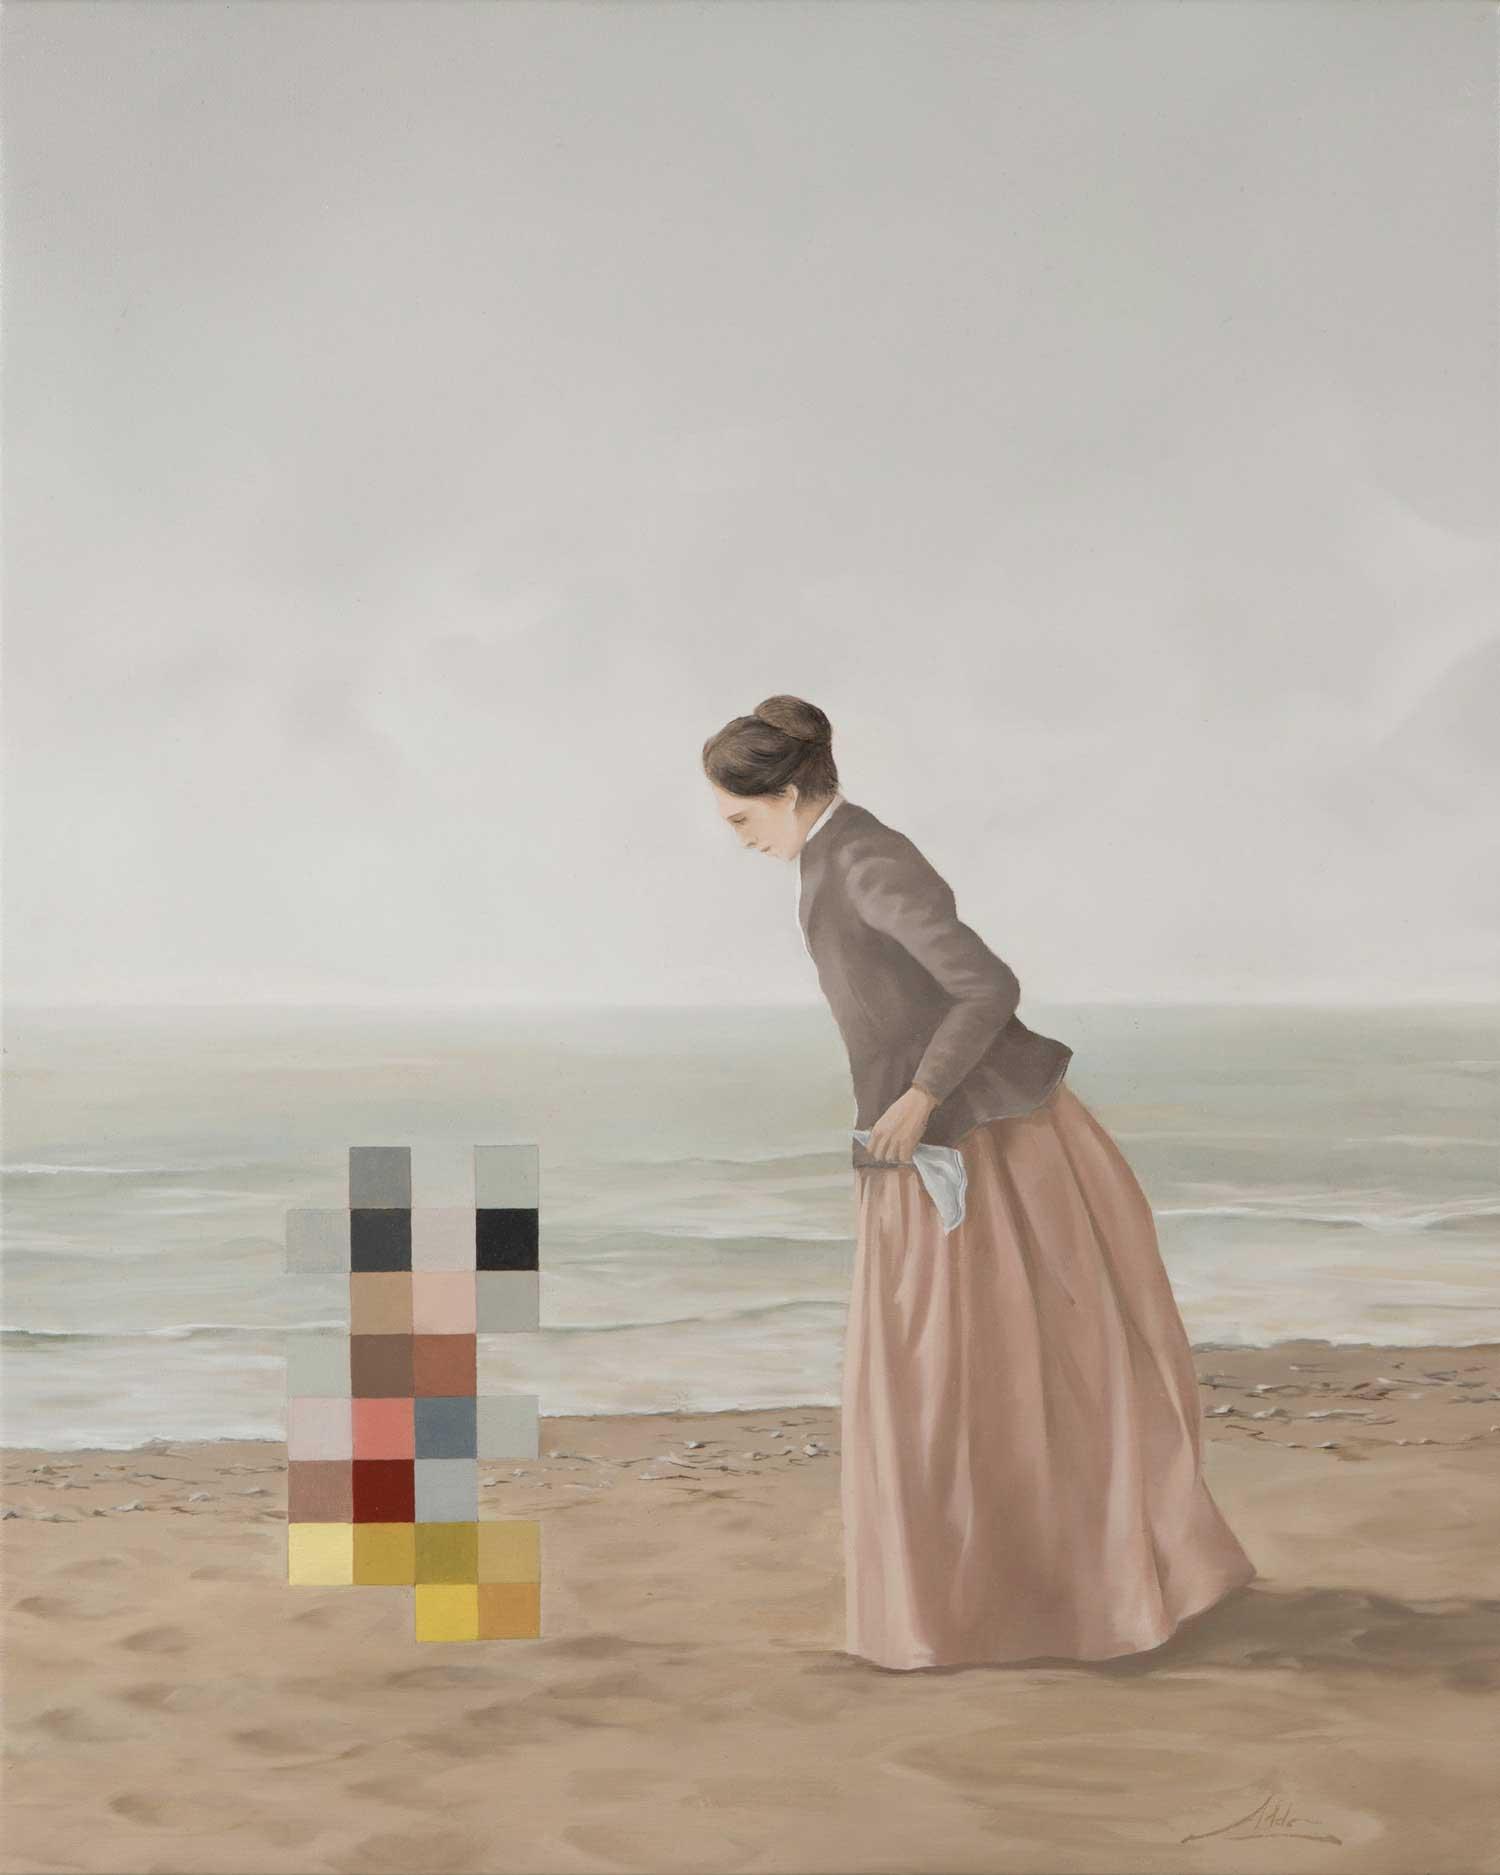 Klassisch anmutende Gemälde mit Verpixelungen Aldo-Sergio_04